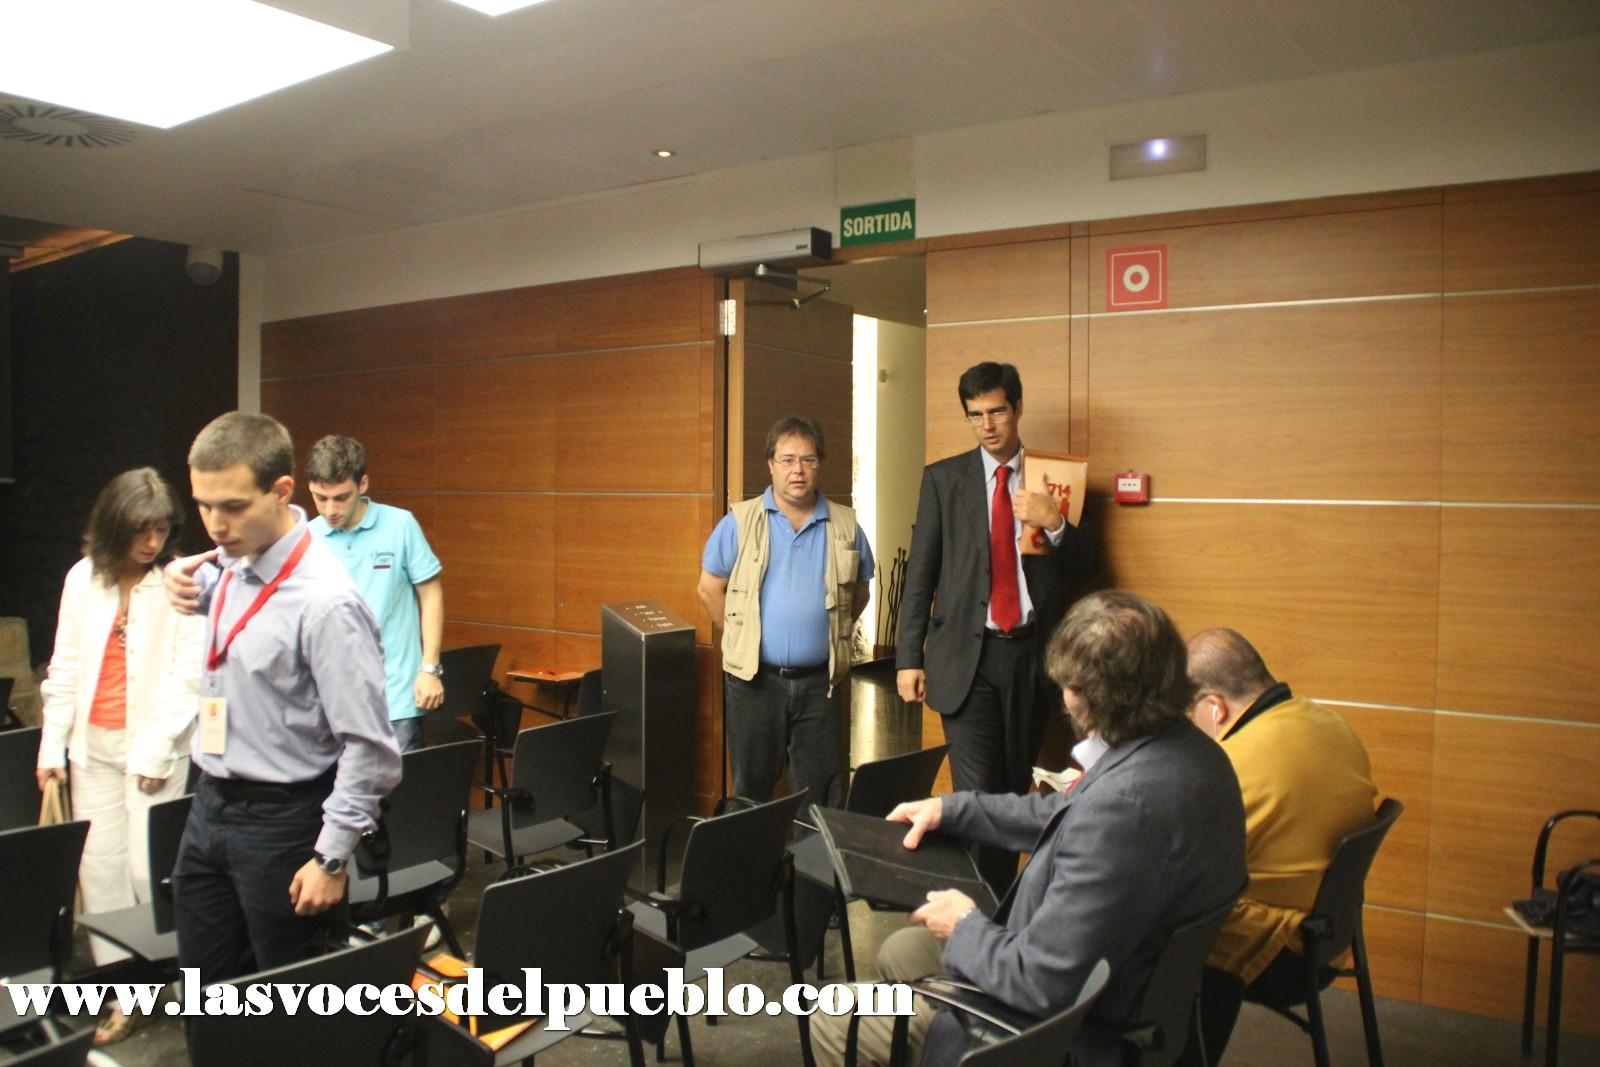 las voces del pueblo_I Congreso de Somatemps_Ripoll_Gerona (132)